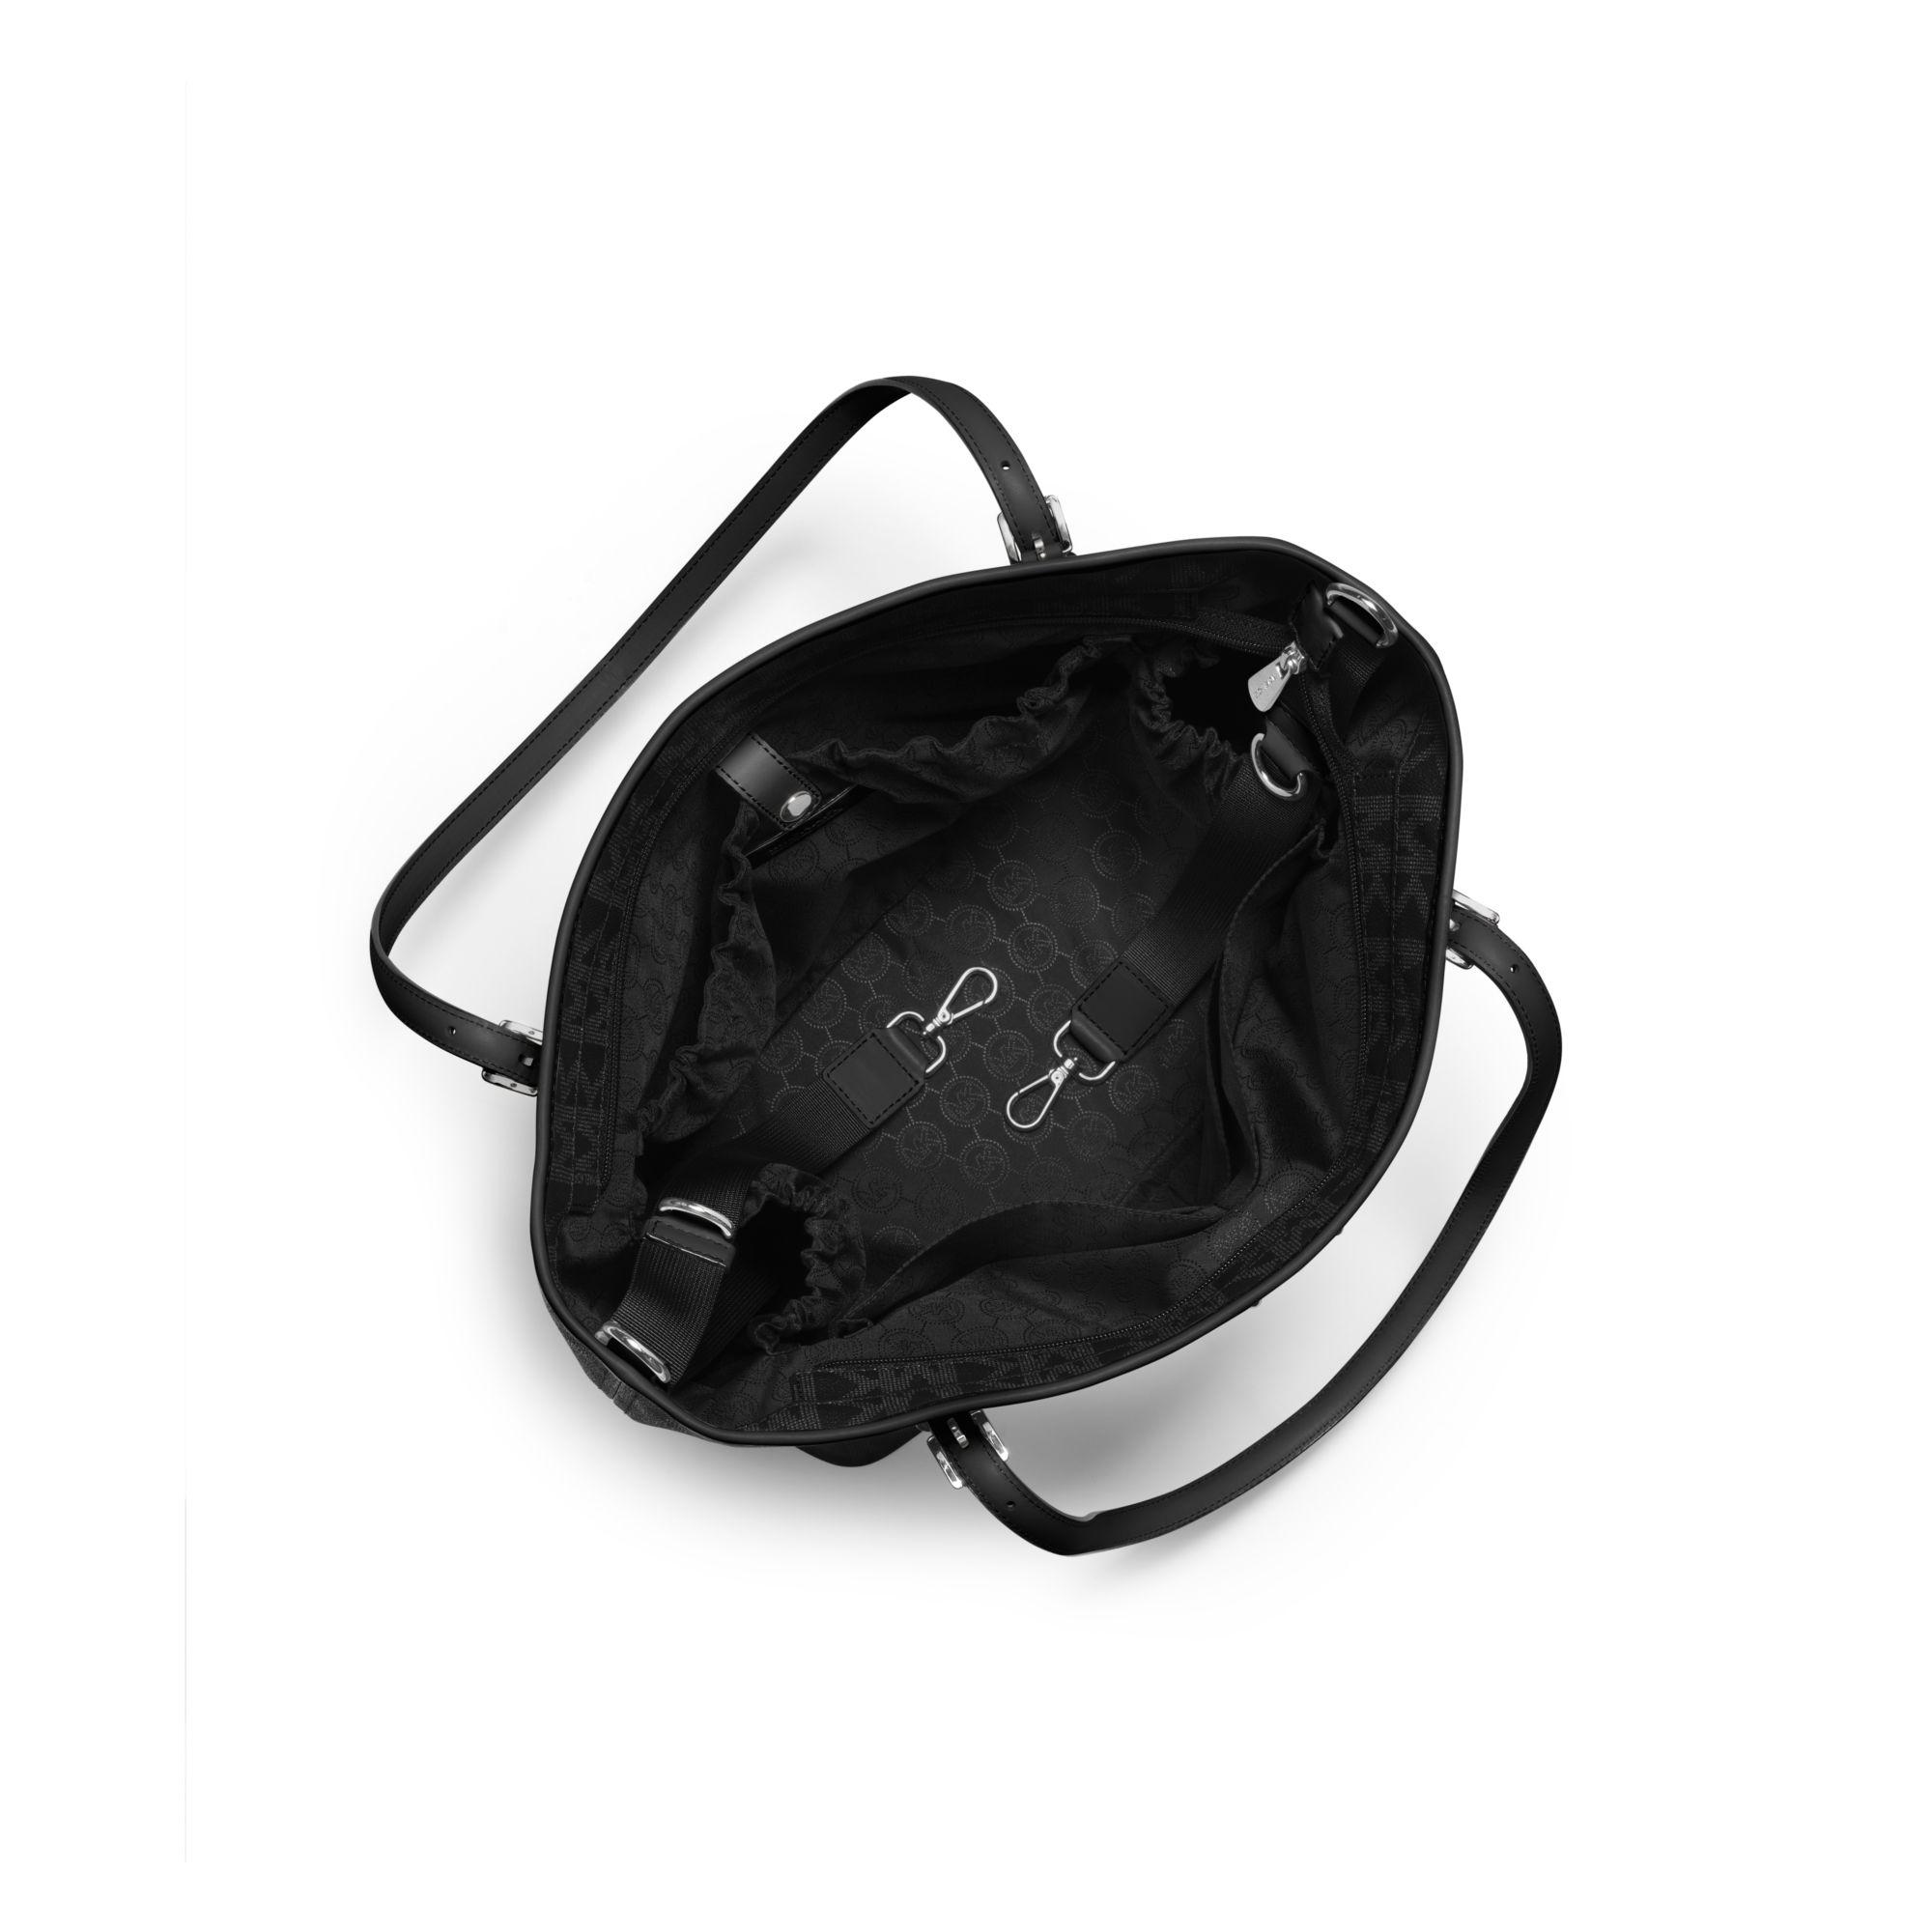 michael kors jet set travel logo diaper bag in black lyst. Black Bedroom Furniture Sets. Home Design Ideas